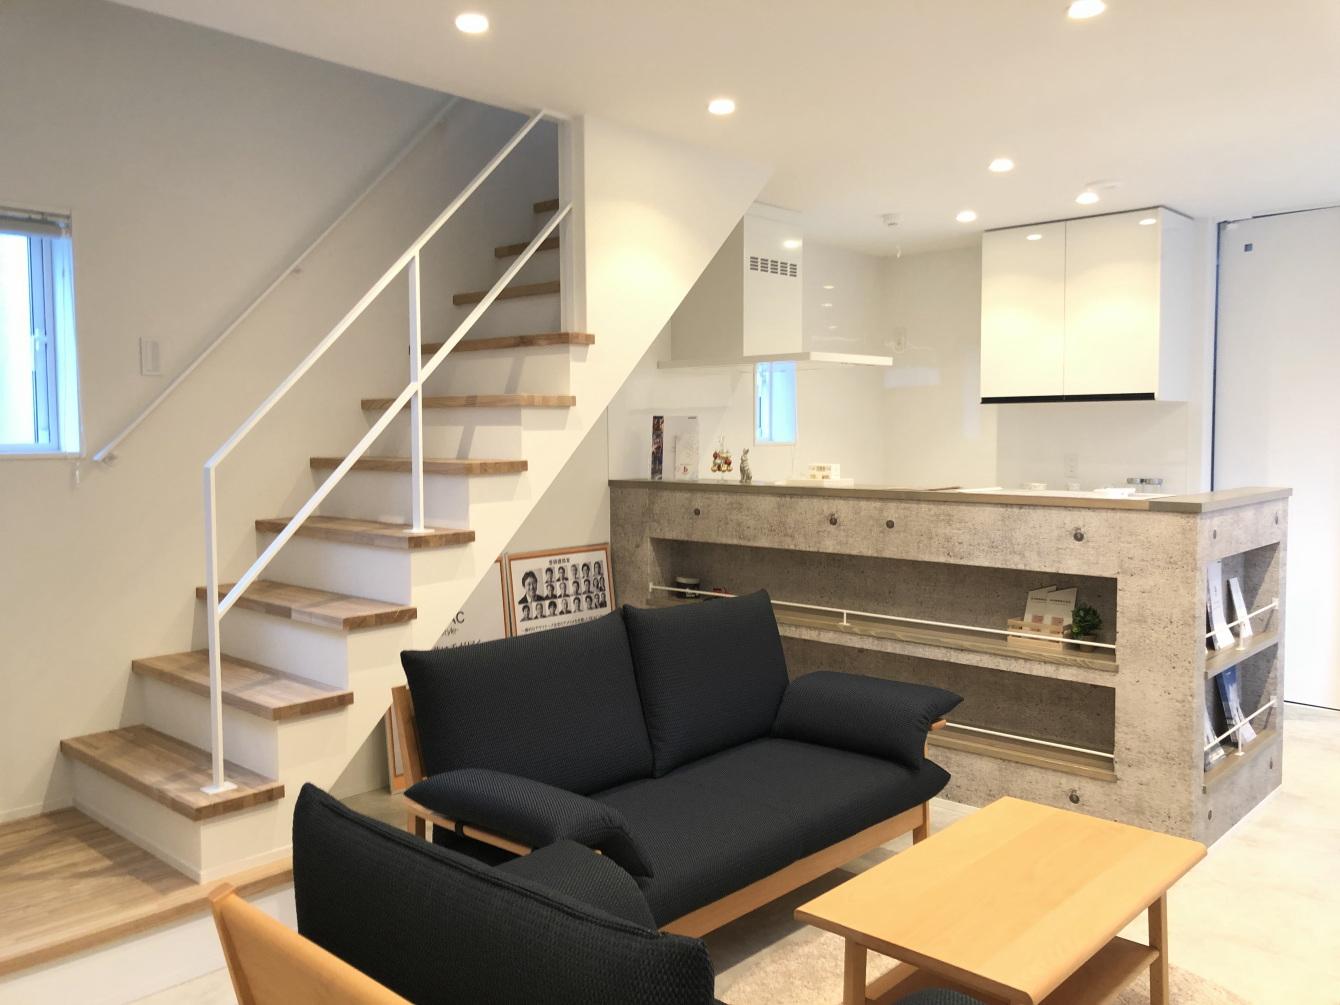 田村市の施工例、コンパクト&北欧デザインの家リビング&キッチン1